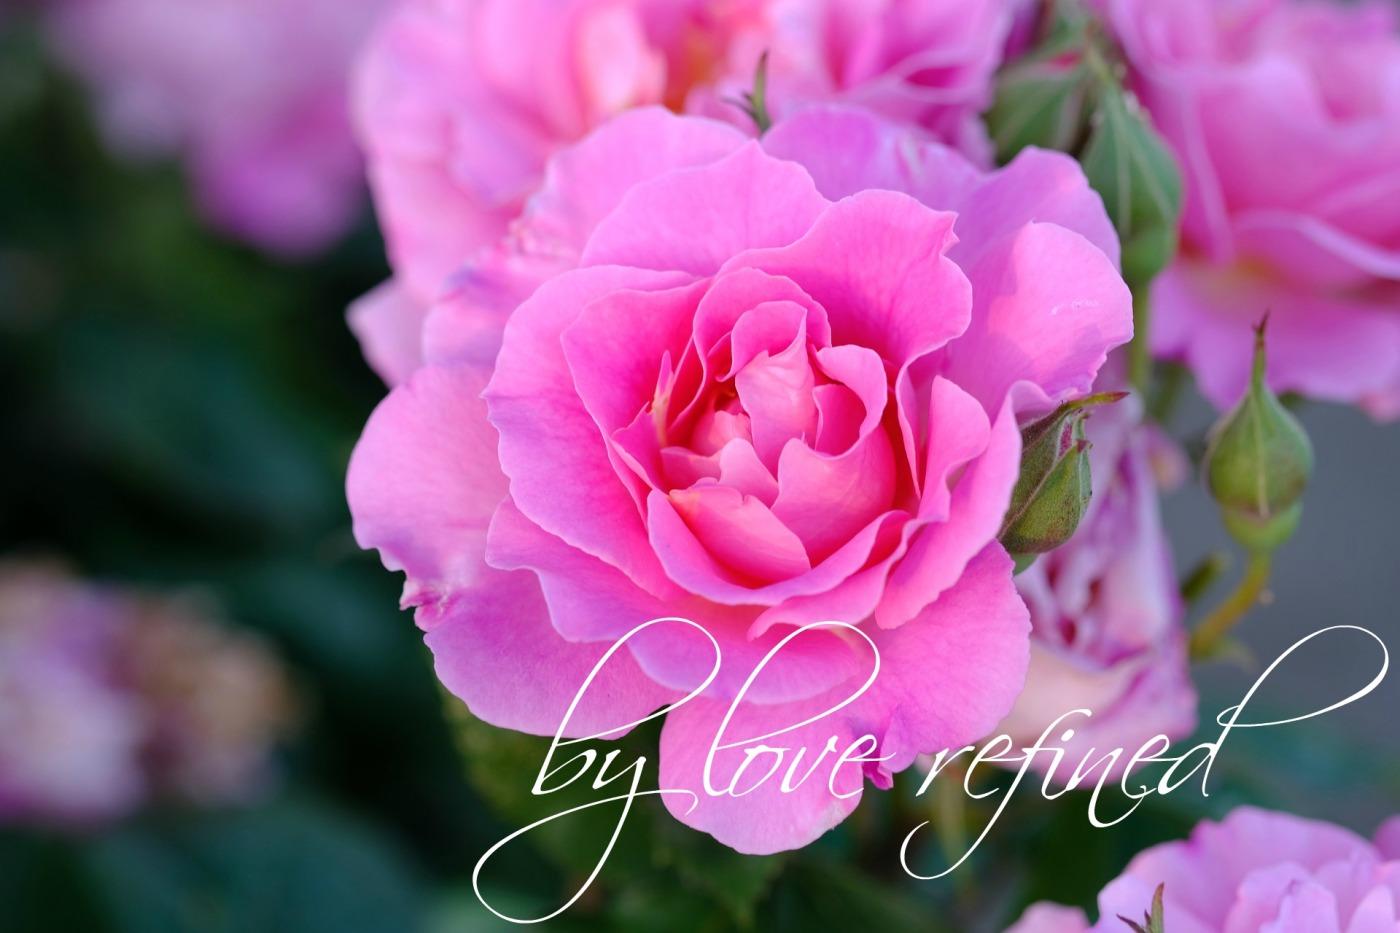 rose BLR